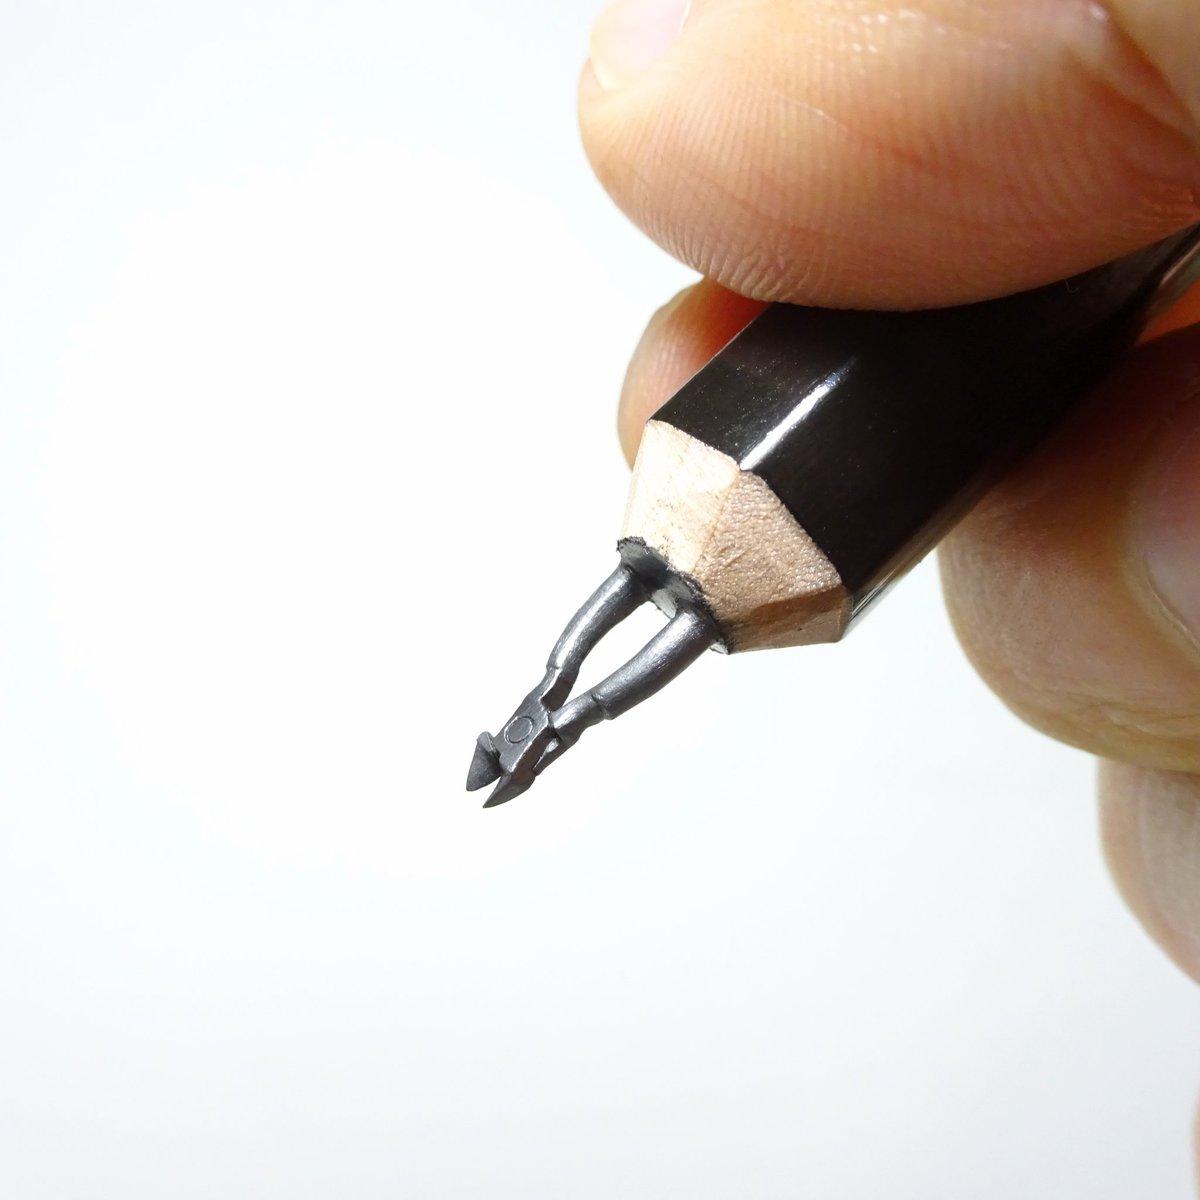 超絶細かい作業⁉鉛筆の芯でニッパーを作ってみた‼